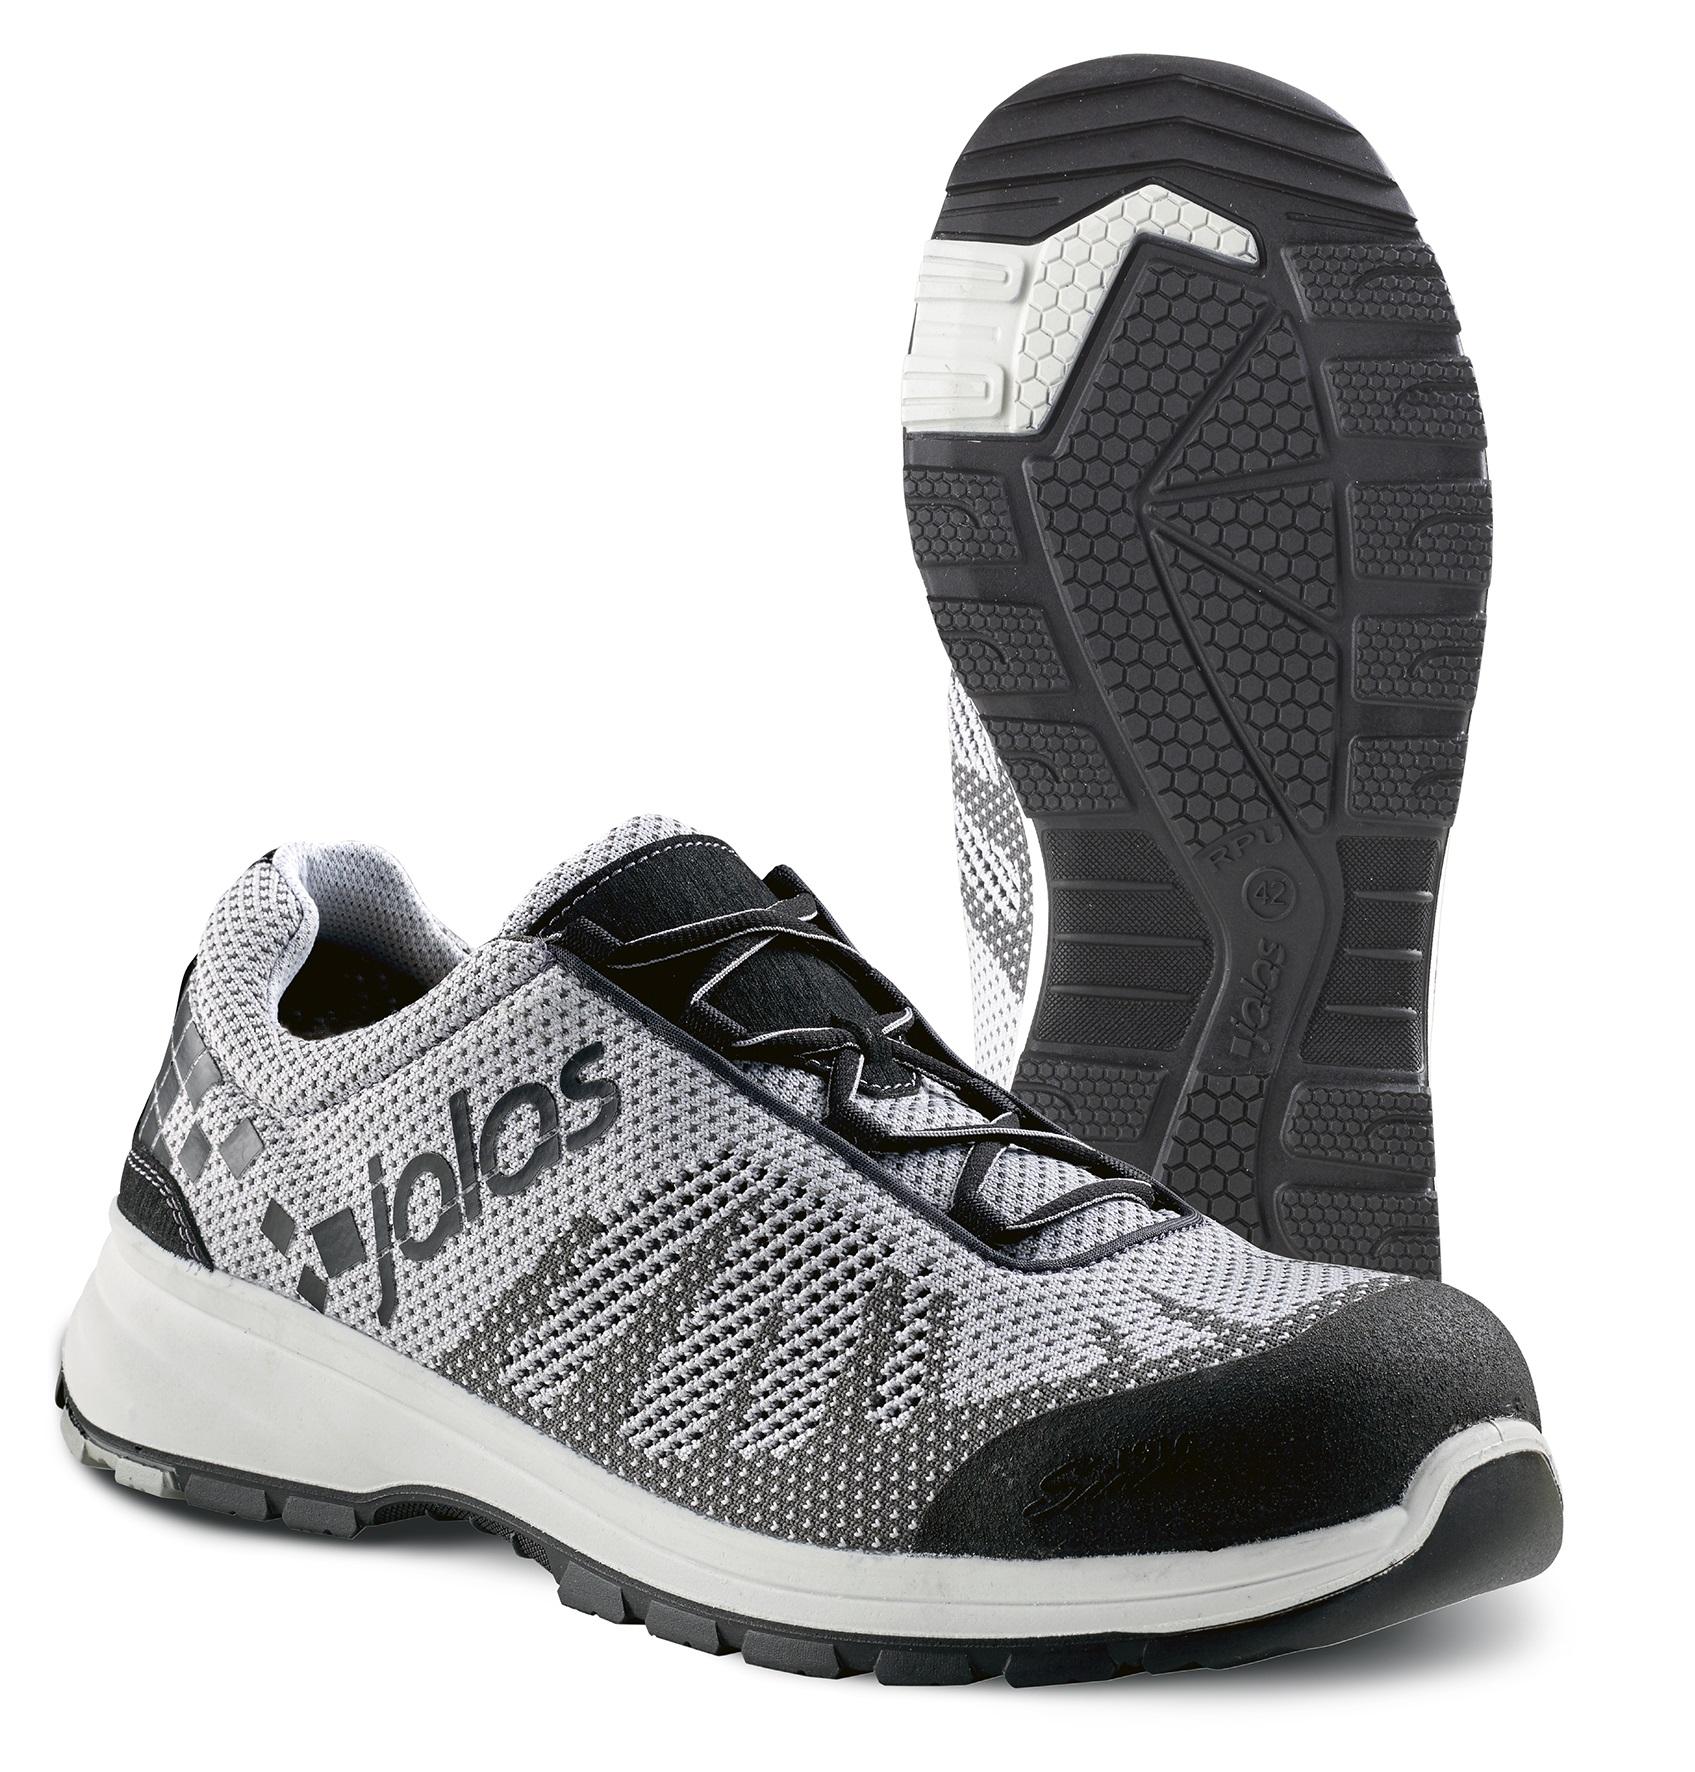 9b16609dc2a7 NYT! JALAS ESD-sko og sandaler forhandles af ZENITECH - Electronic ...